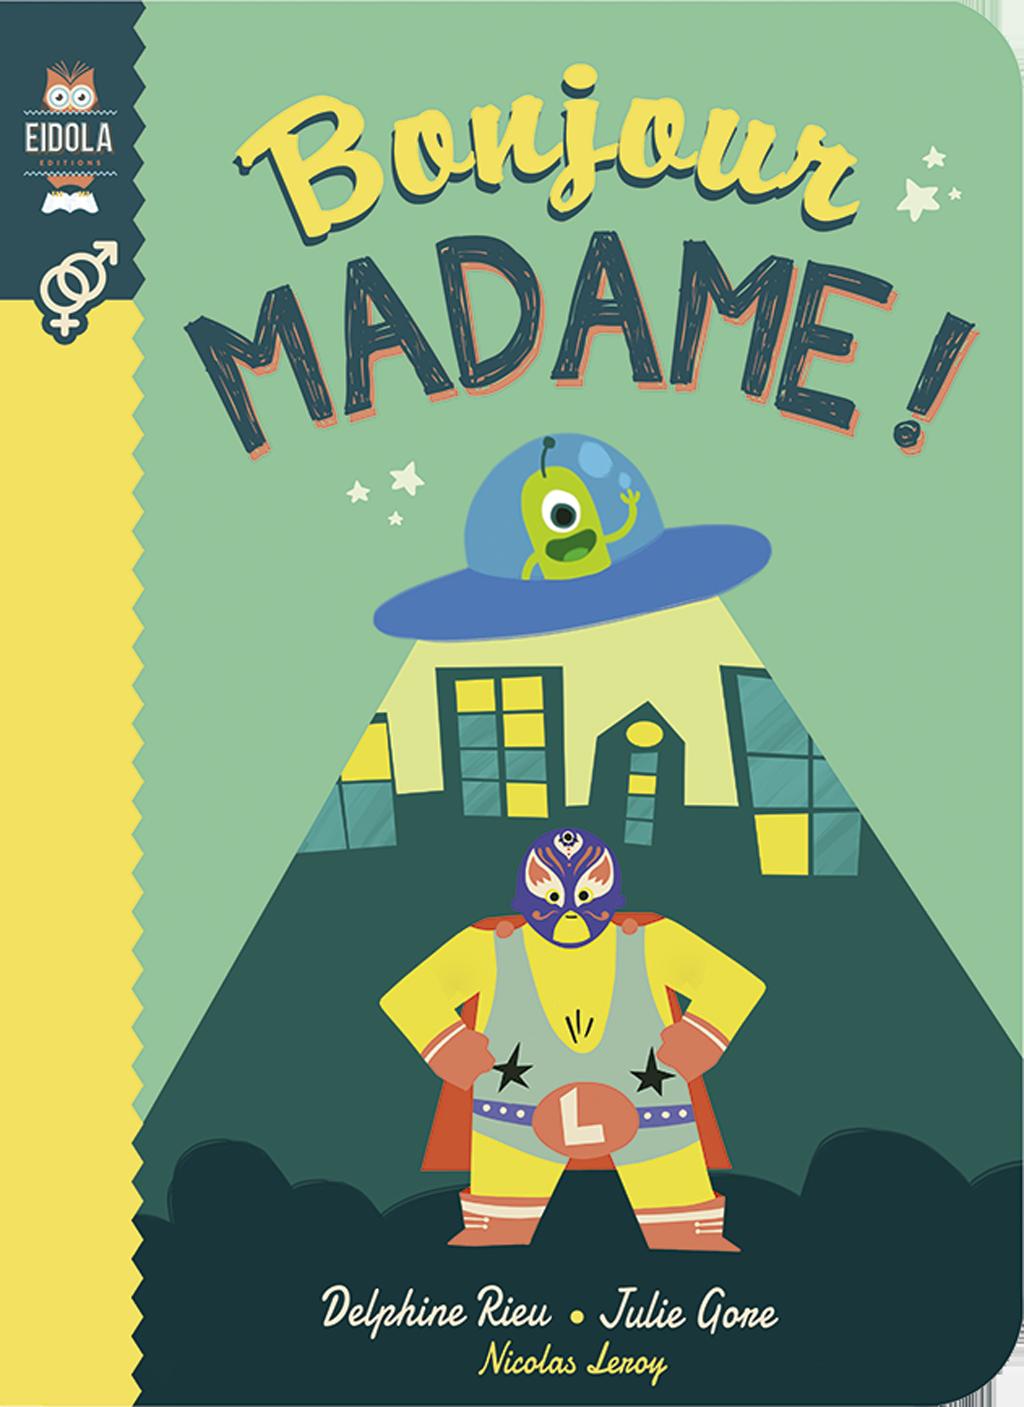 Bonjour Madame Julie Gore Nicolas Leroy Delphine Rieu Eidola Editions Livre Livre Jeunesse Bons Livres